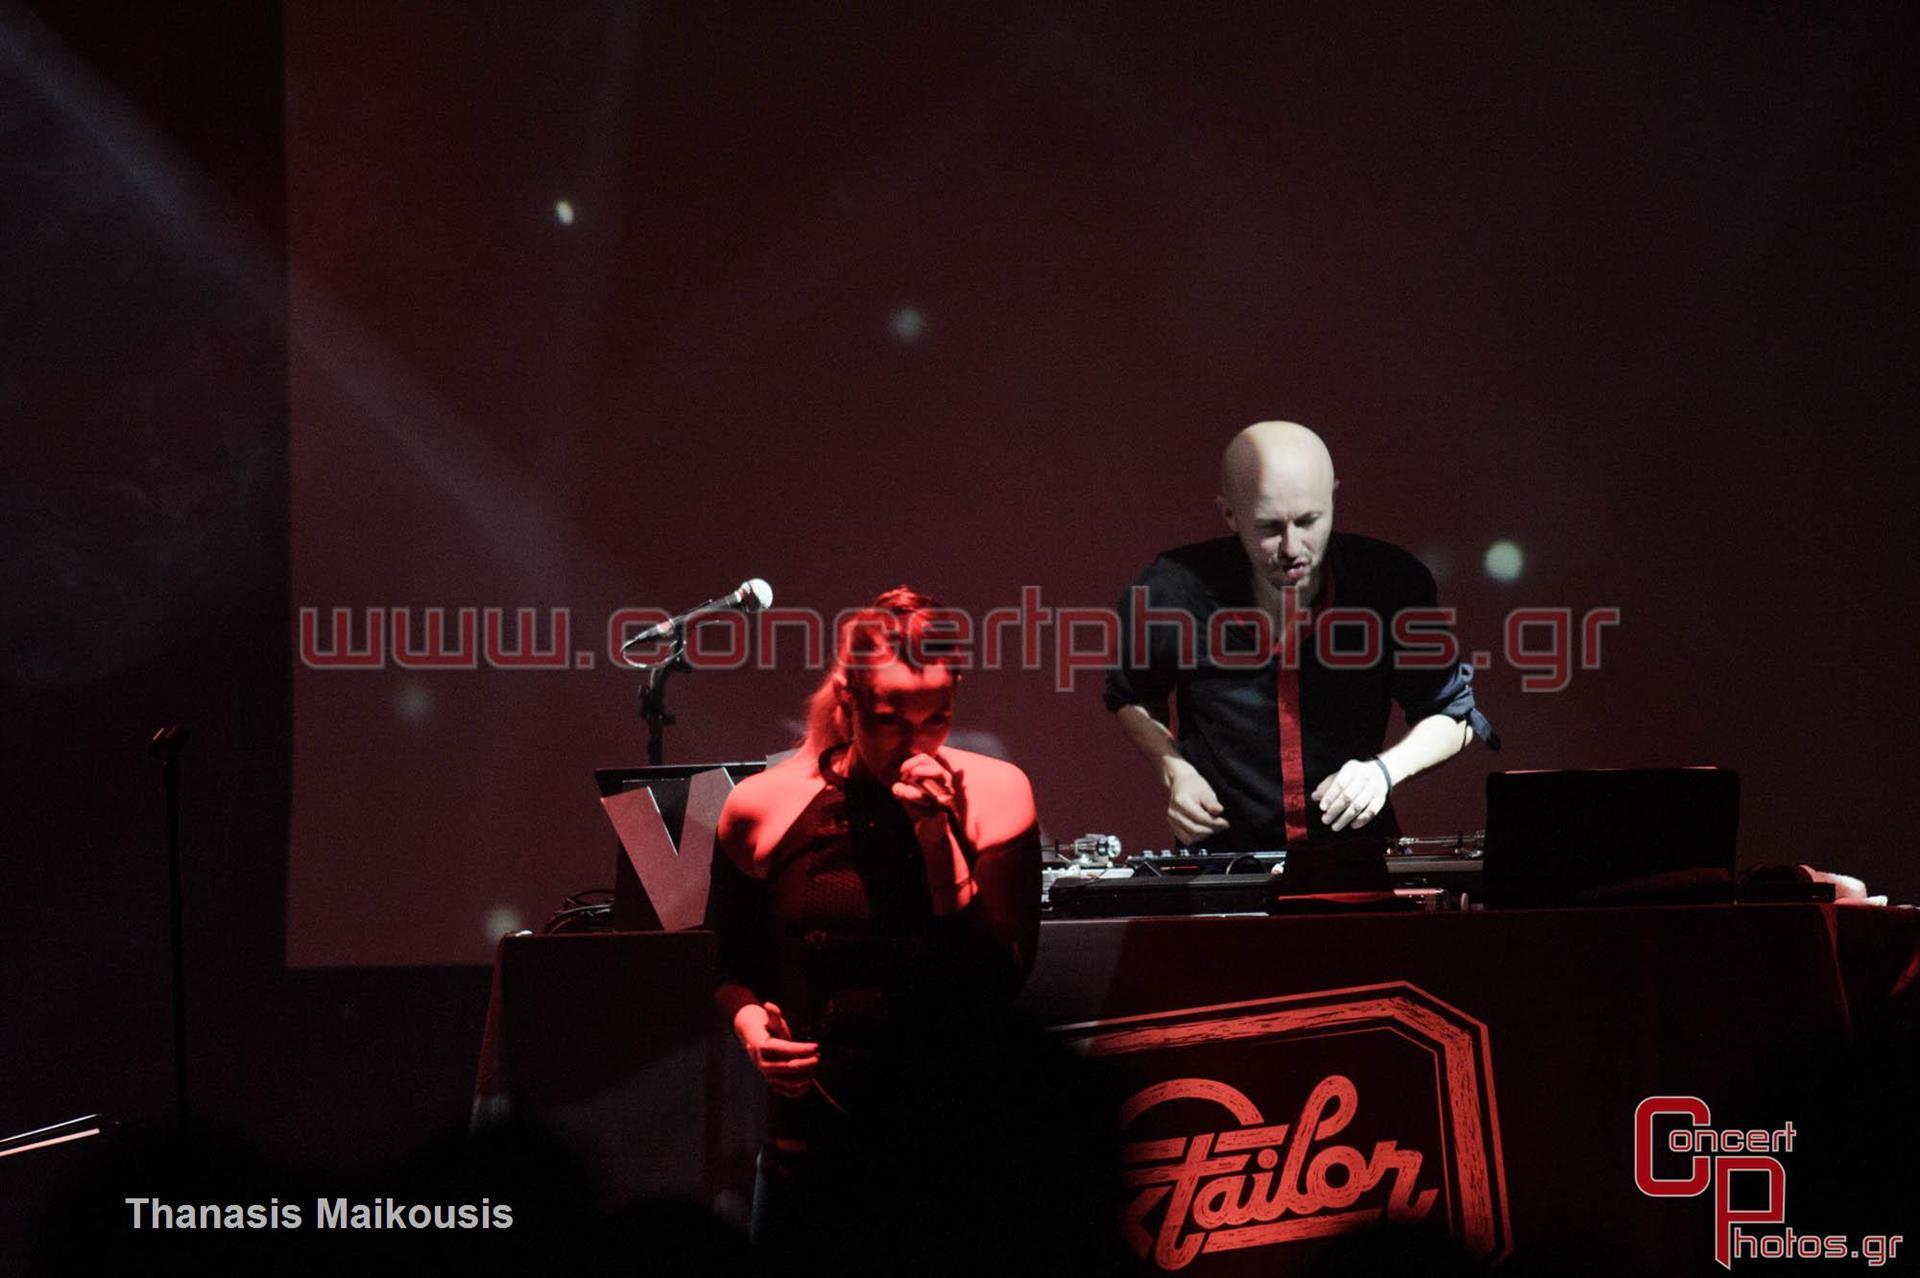 Wax Tailor - photographer: Thanasis Maikousis - ConcertPhotos-7912